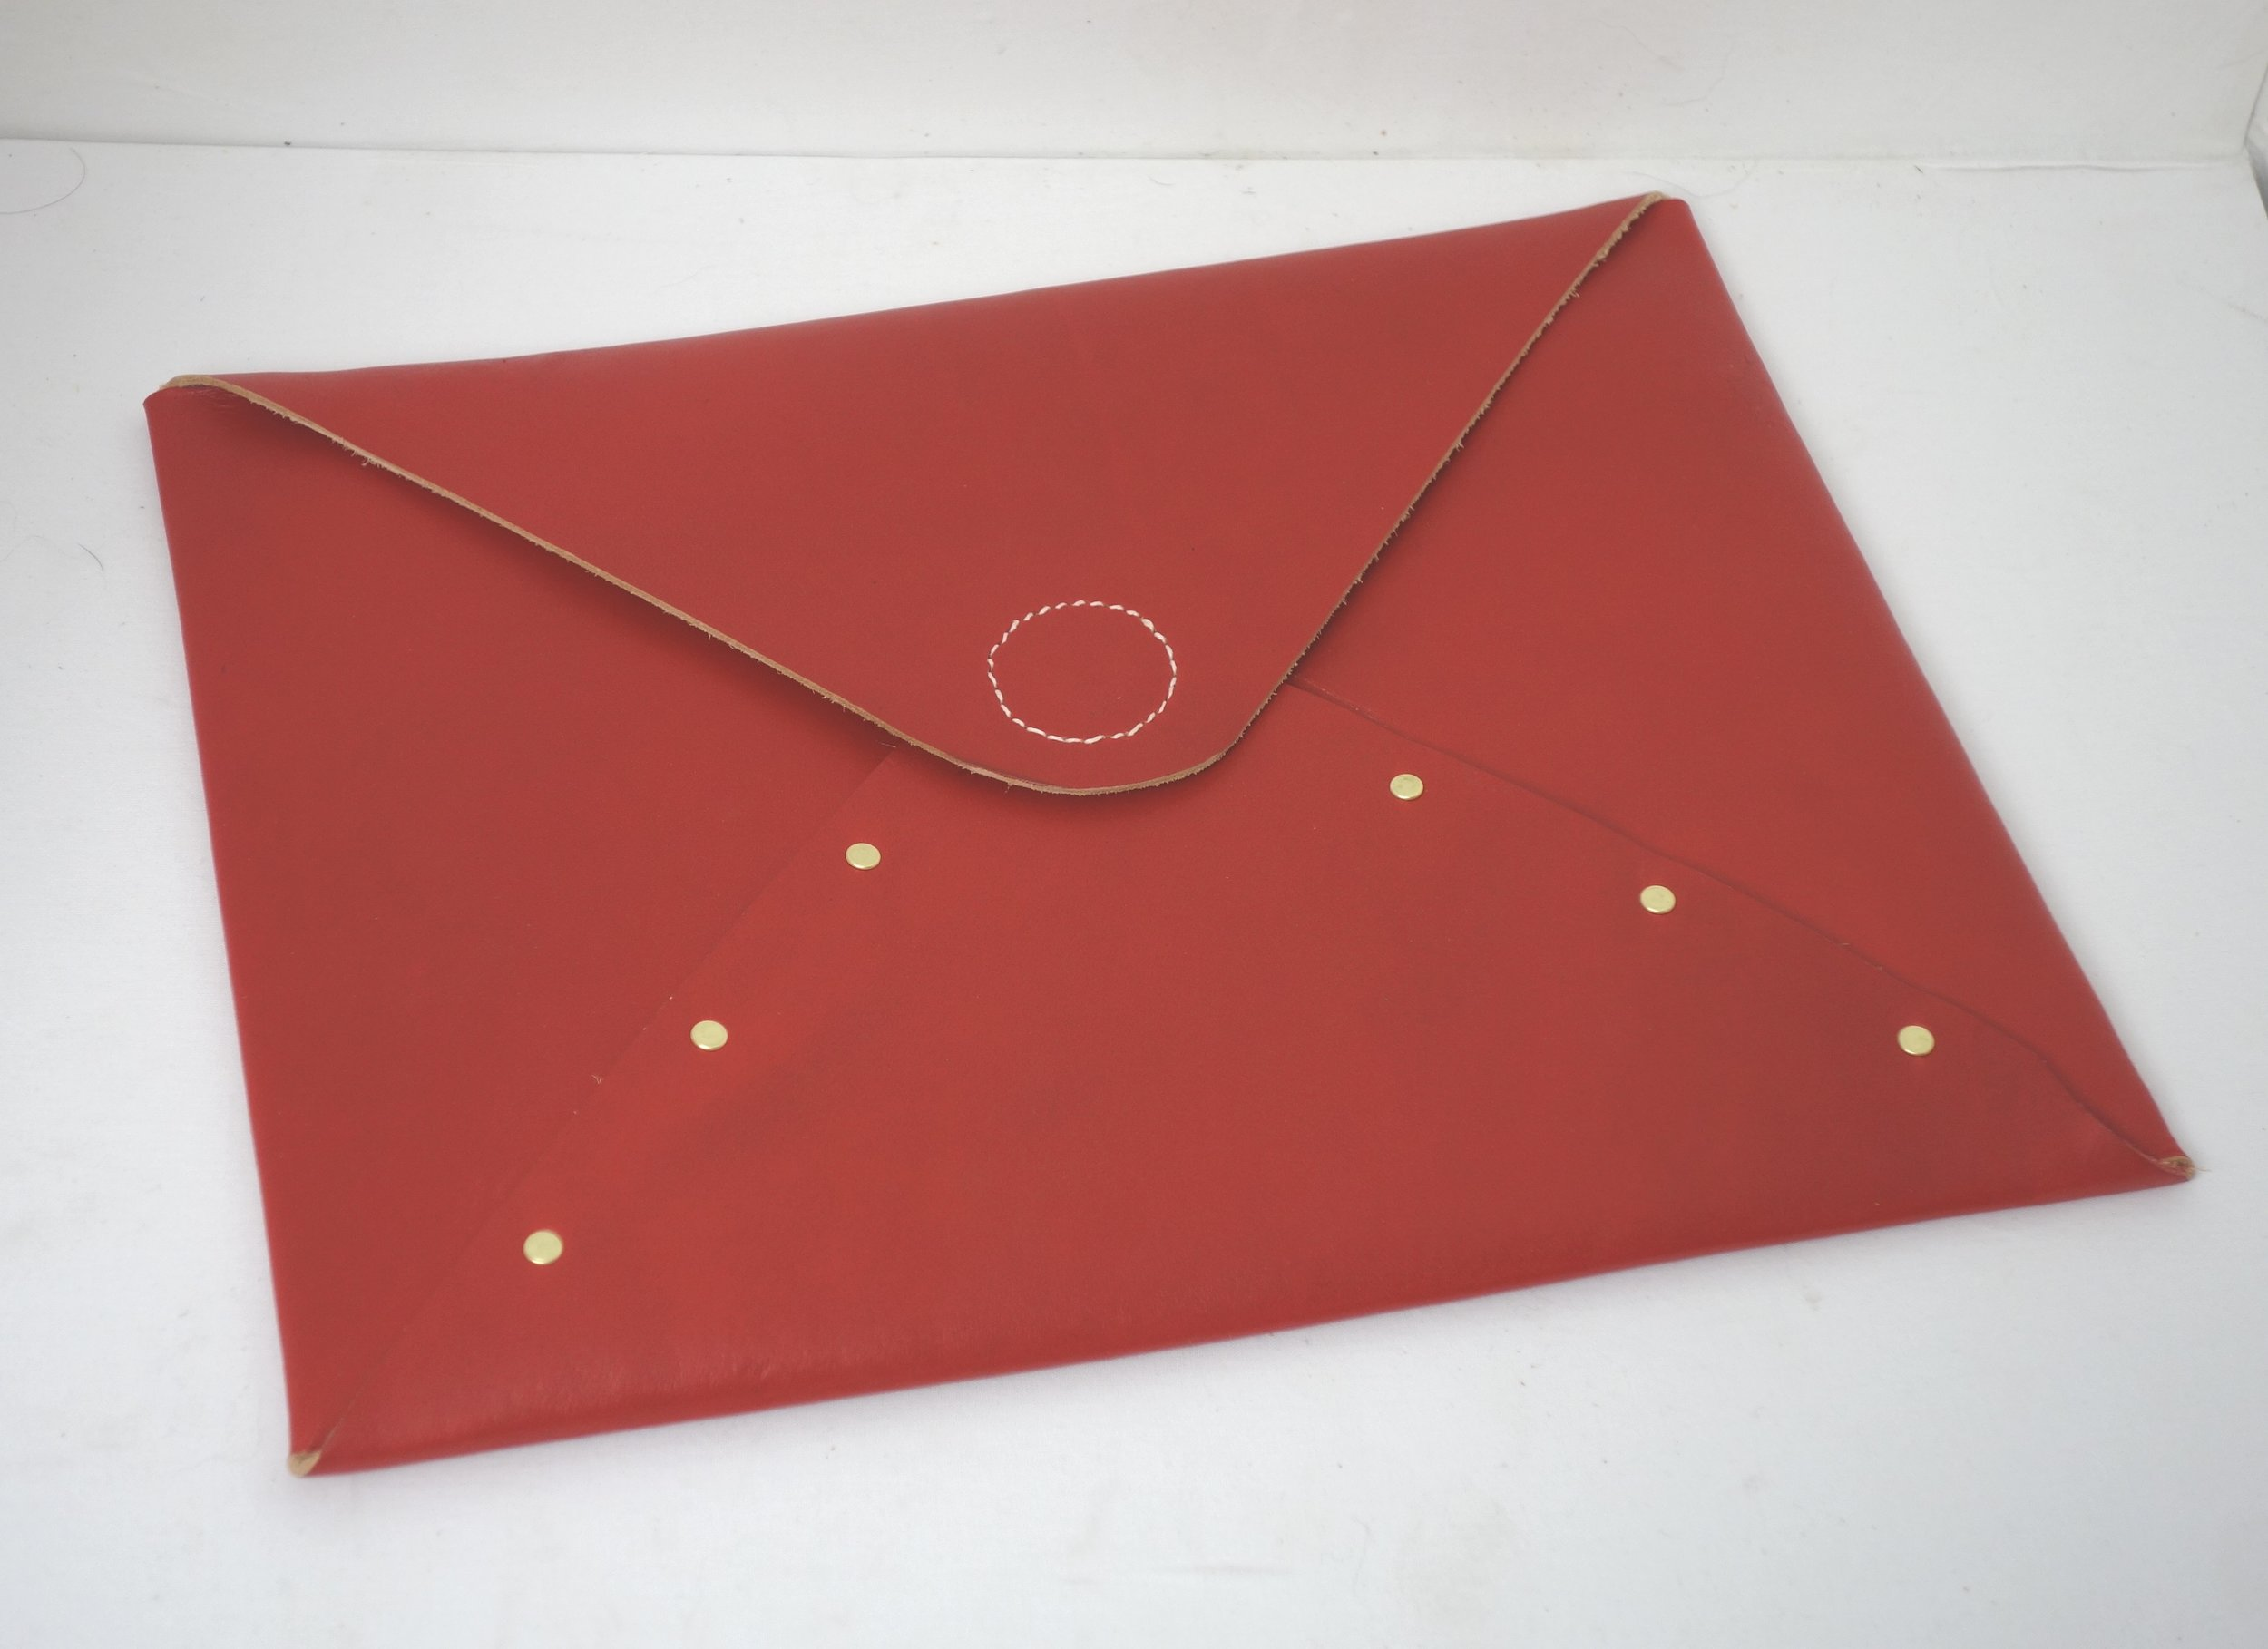 T&C Mouse-red-folder1.jpg